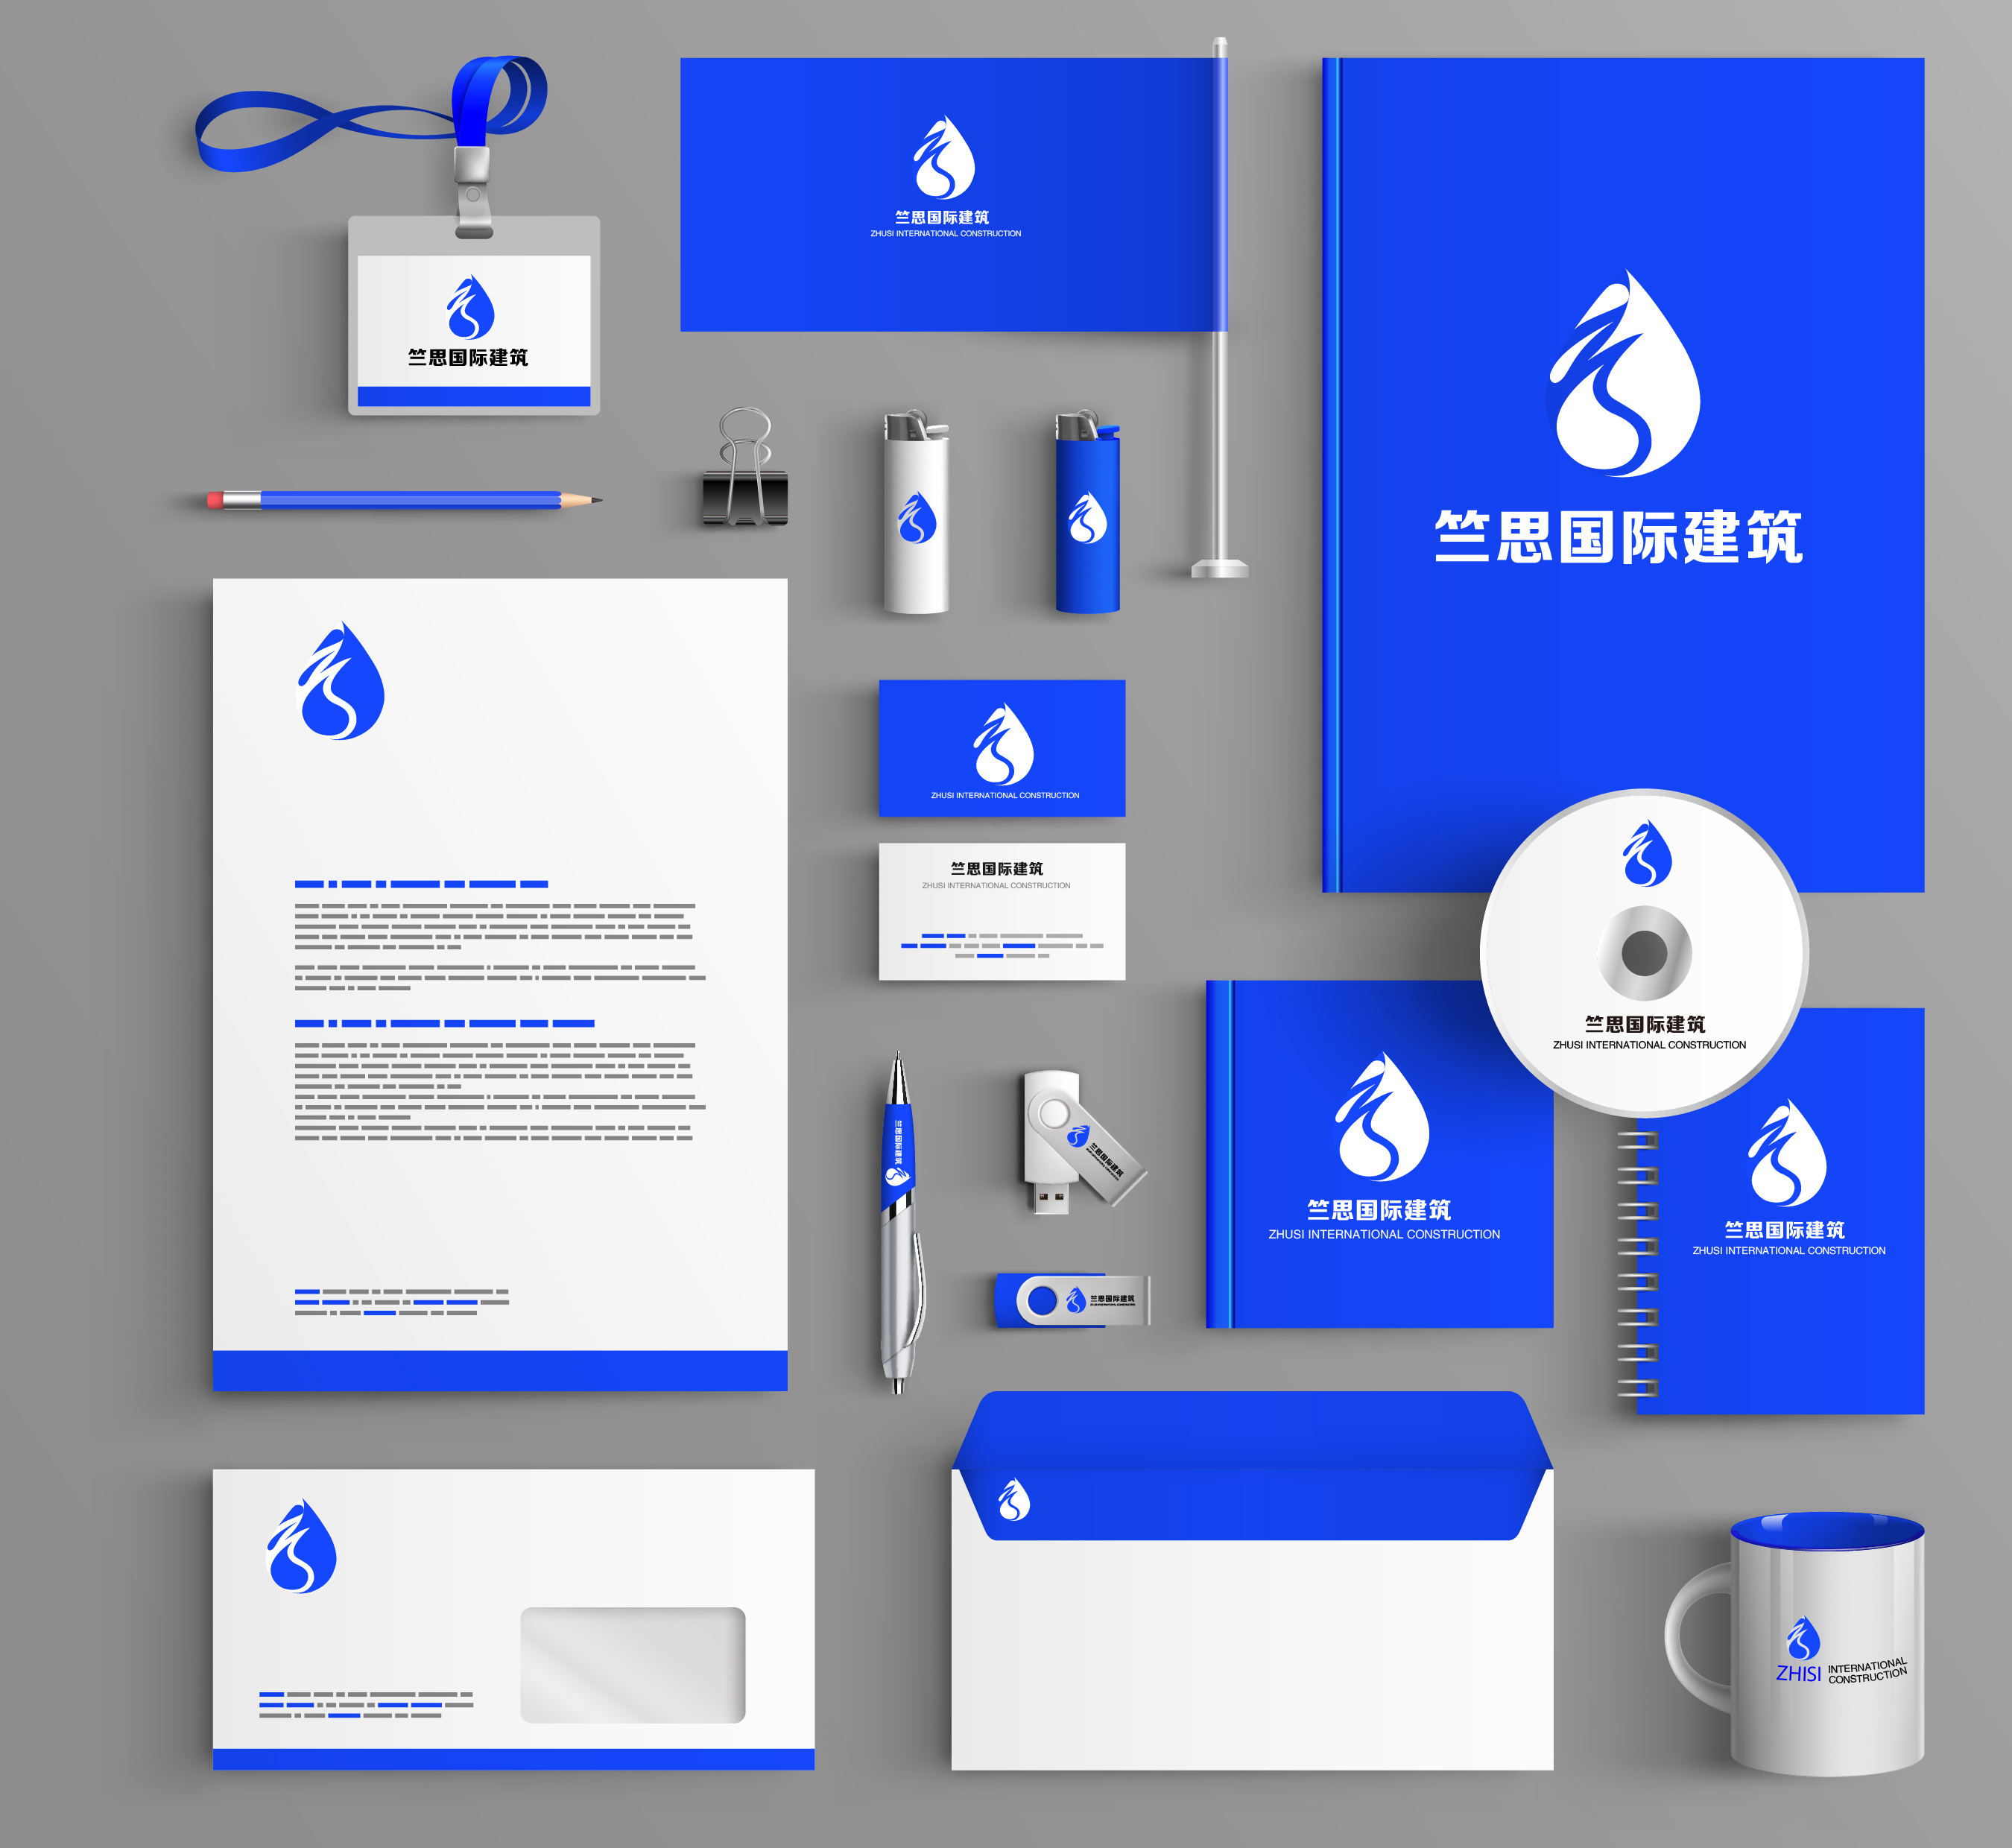 竺思国际建筑设计公司企业vi设计|平面|品牌|li1990图片